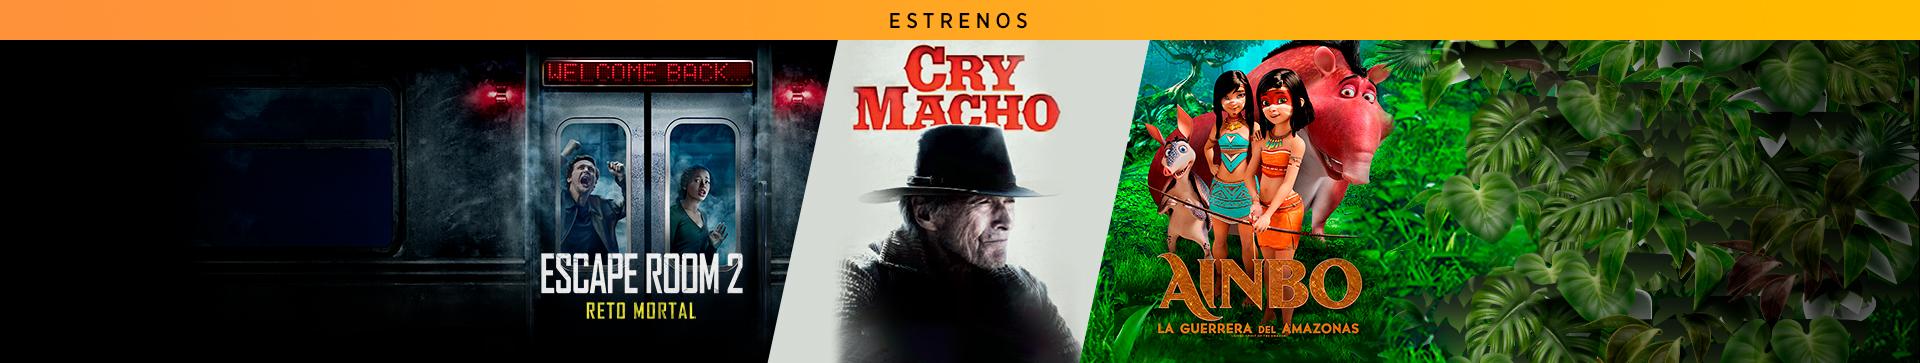 Estrenos: Escape Room 2 / Cry Macho / Ainbo